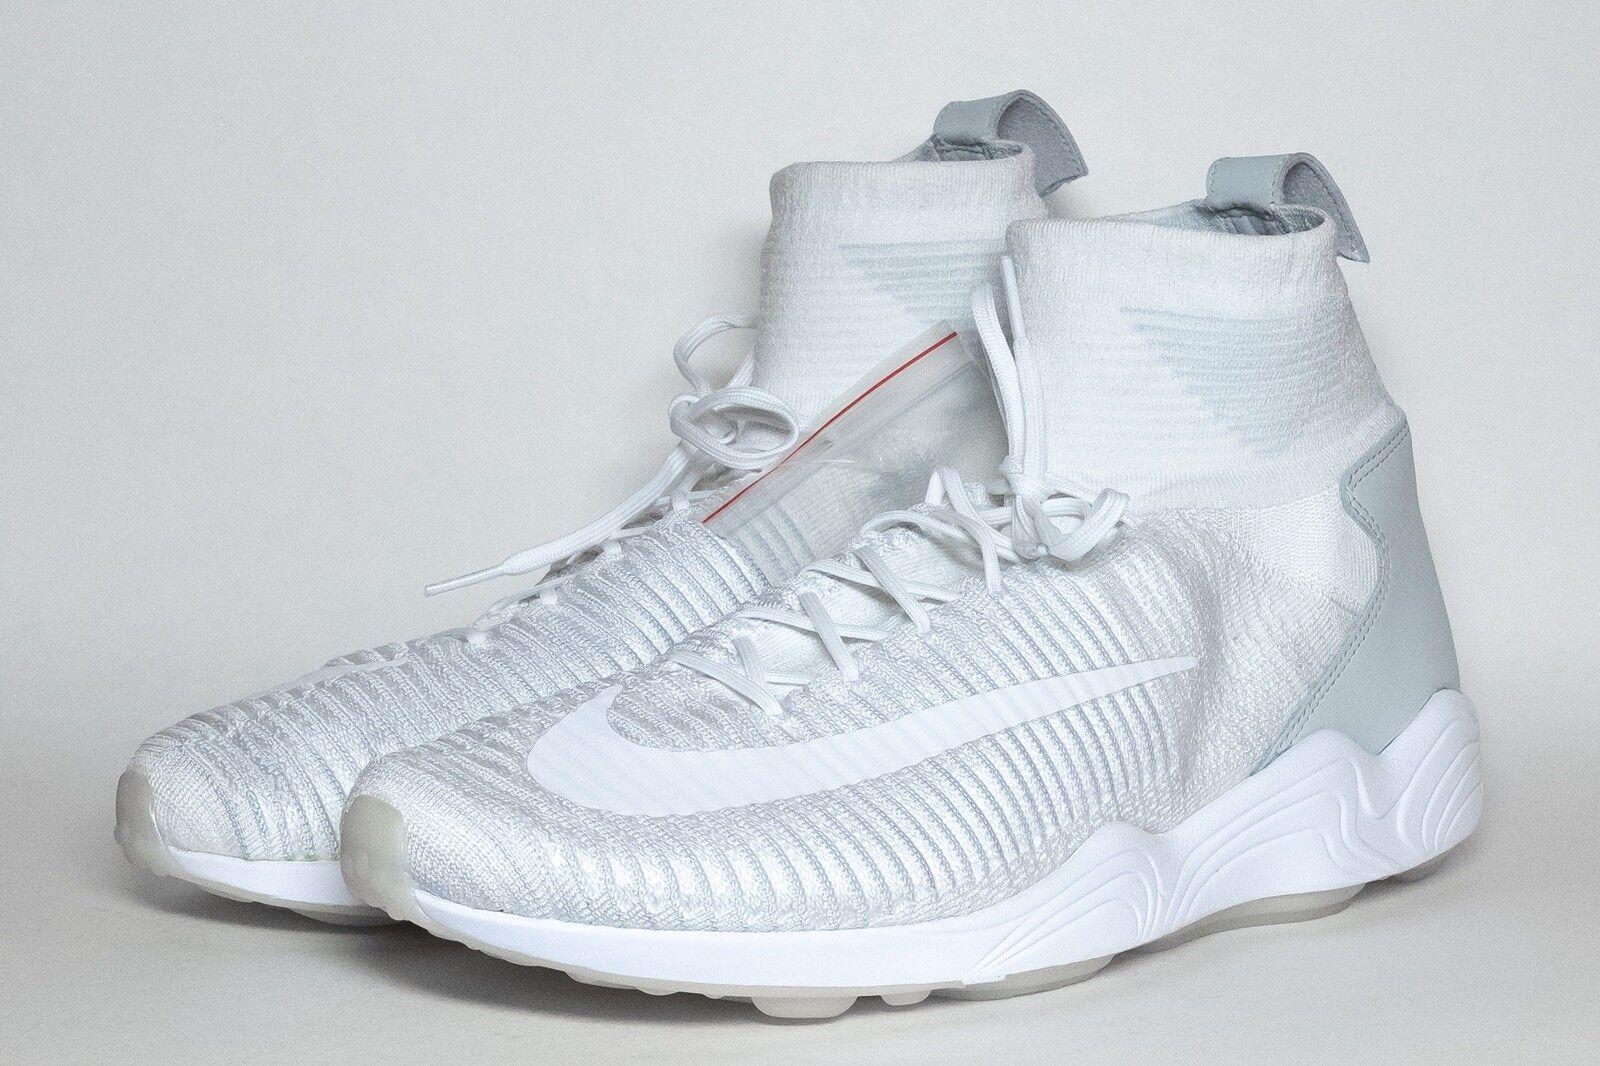 Nike Zoom Mercurial XI Flyknit White Grey Spiridon Talaria 844626-100 USA Sz 11